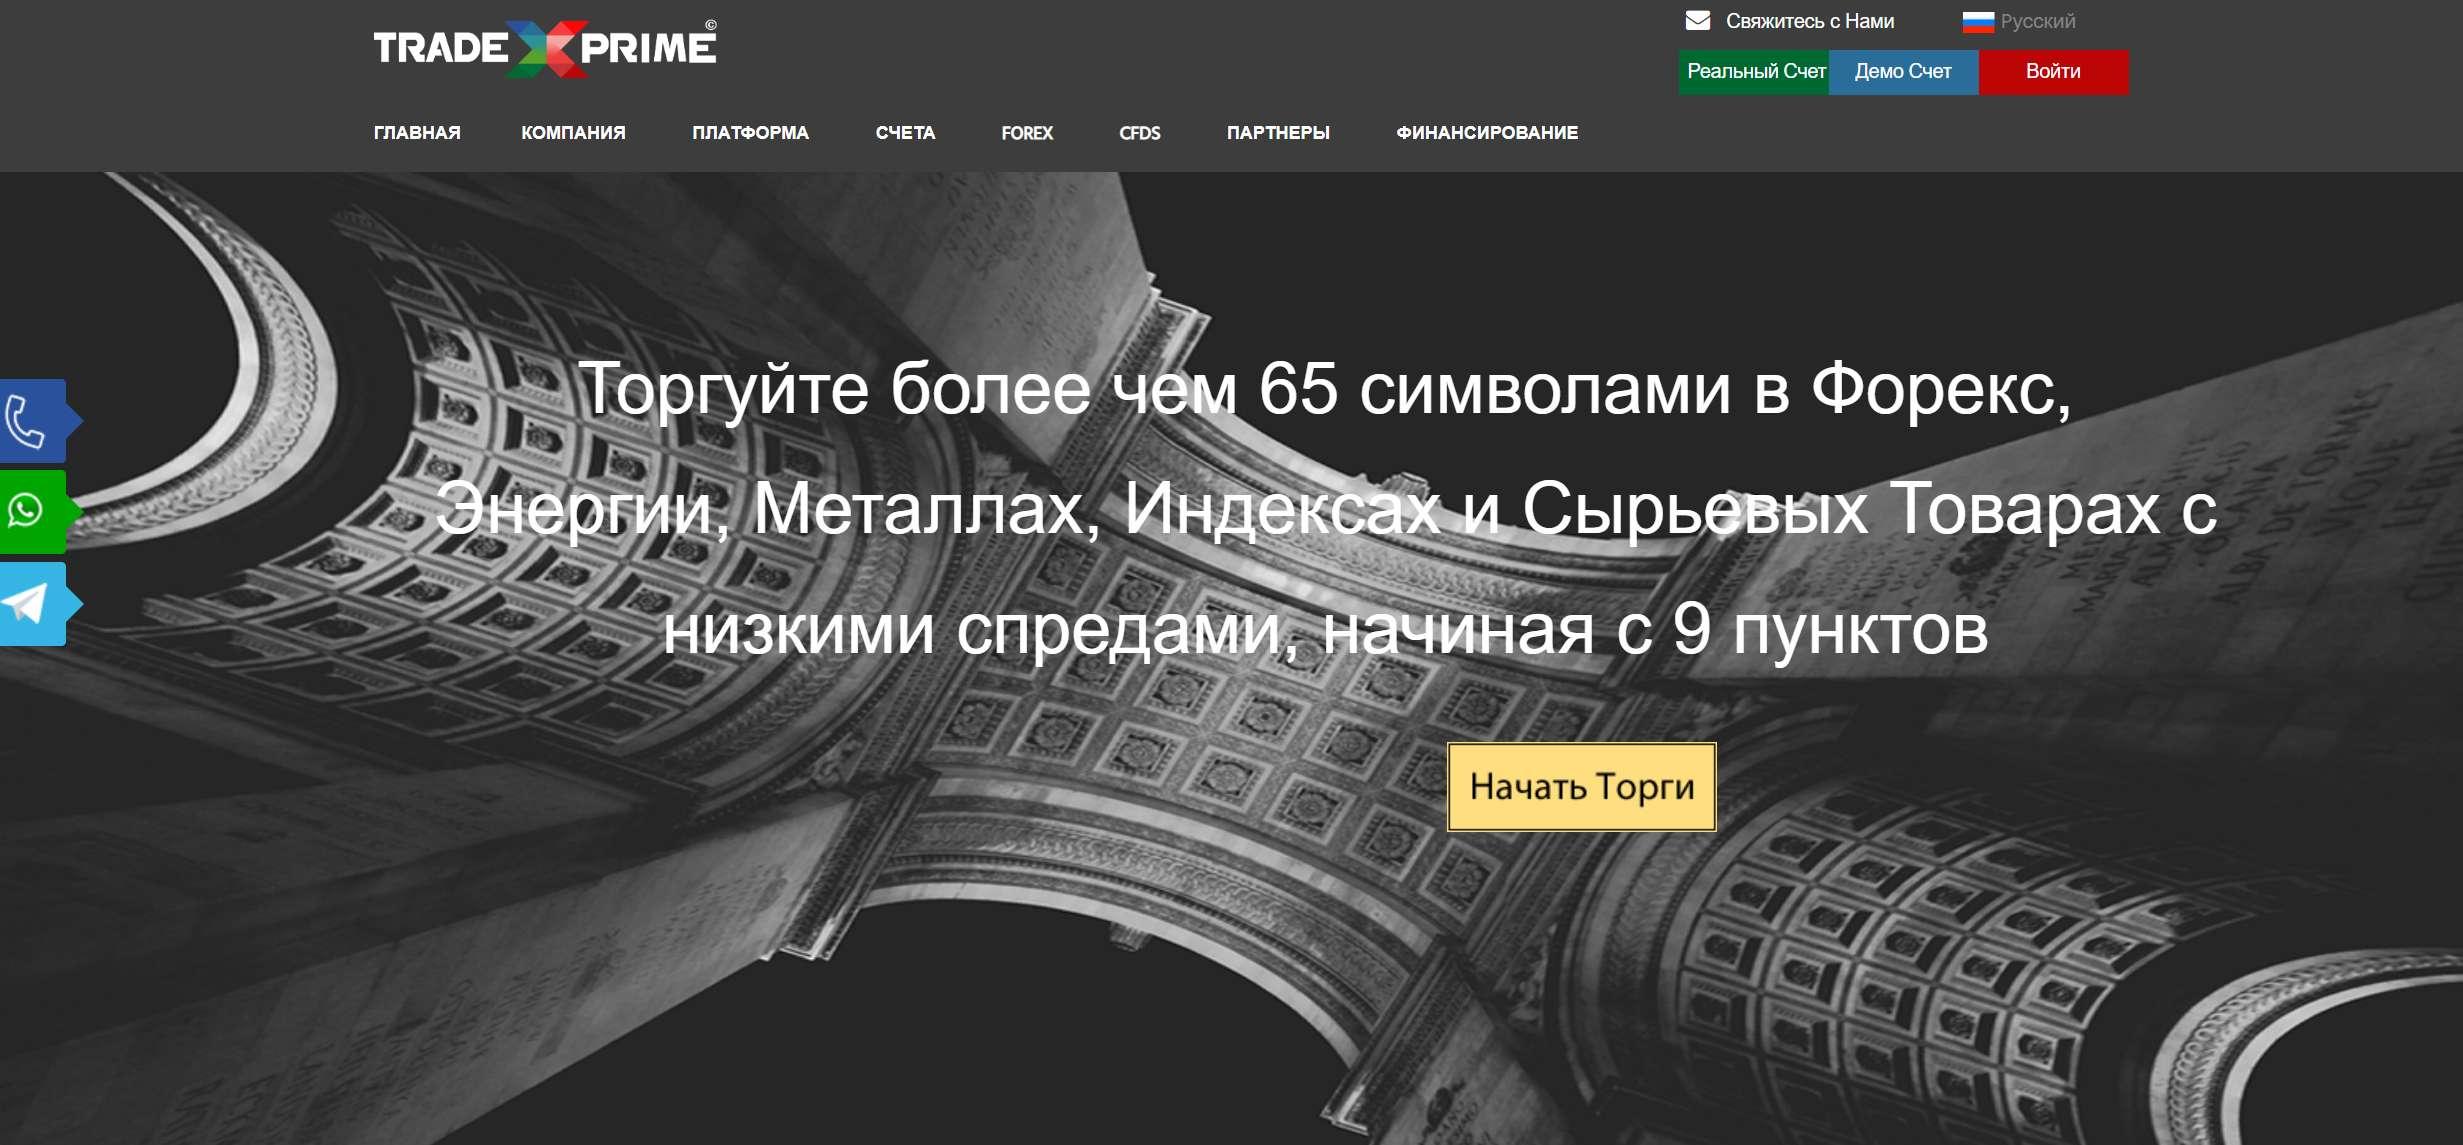 Обзор TradeX Prime. Новый проект или новый развод?